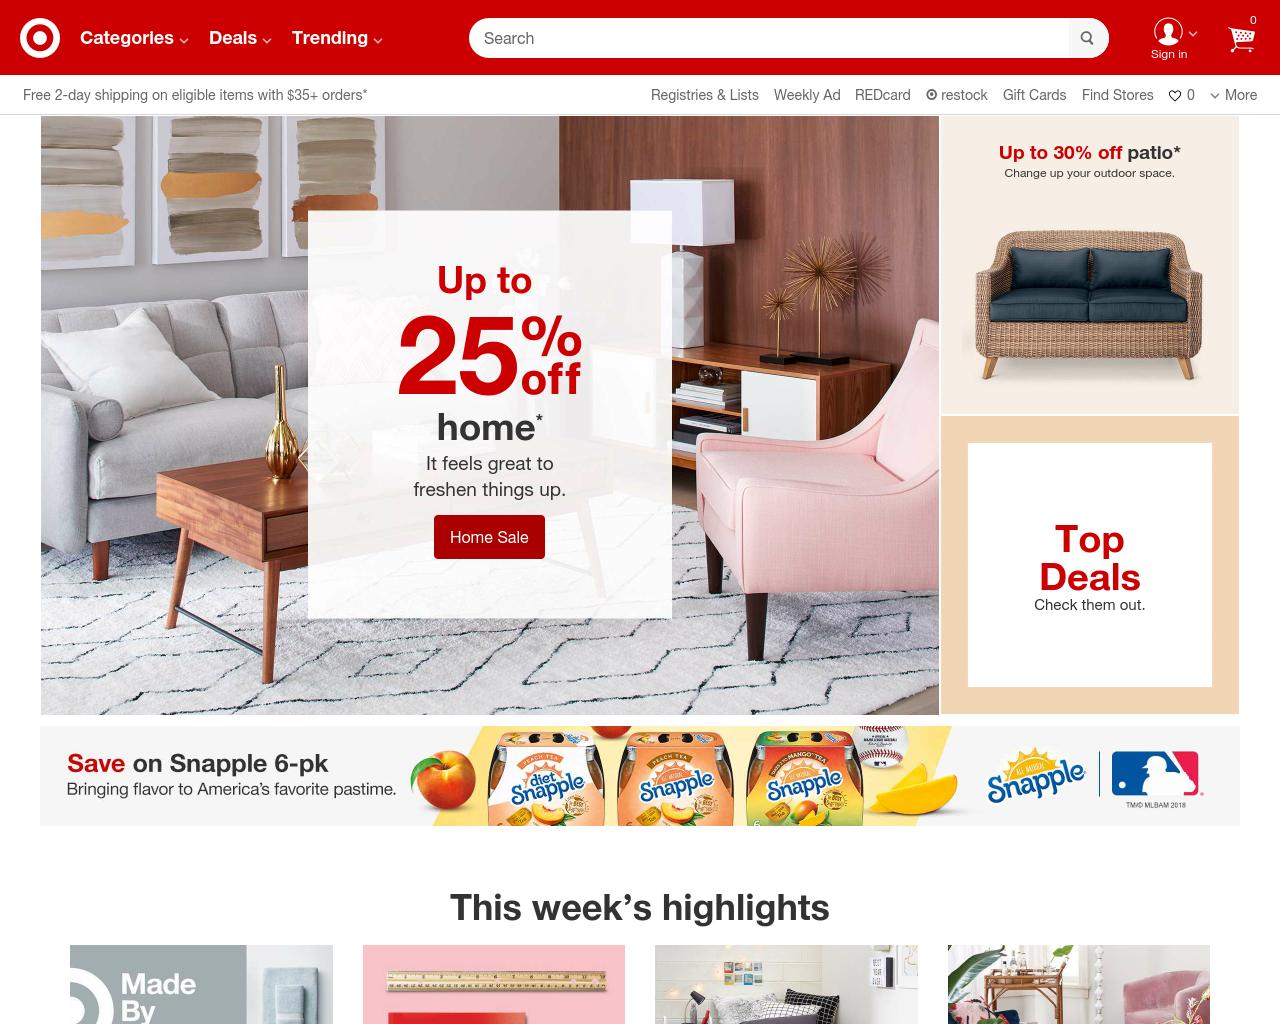 Target-Advertising-Reviews-Pricing